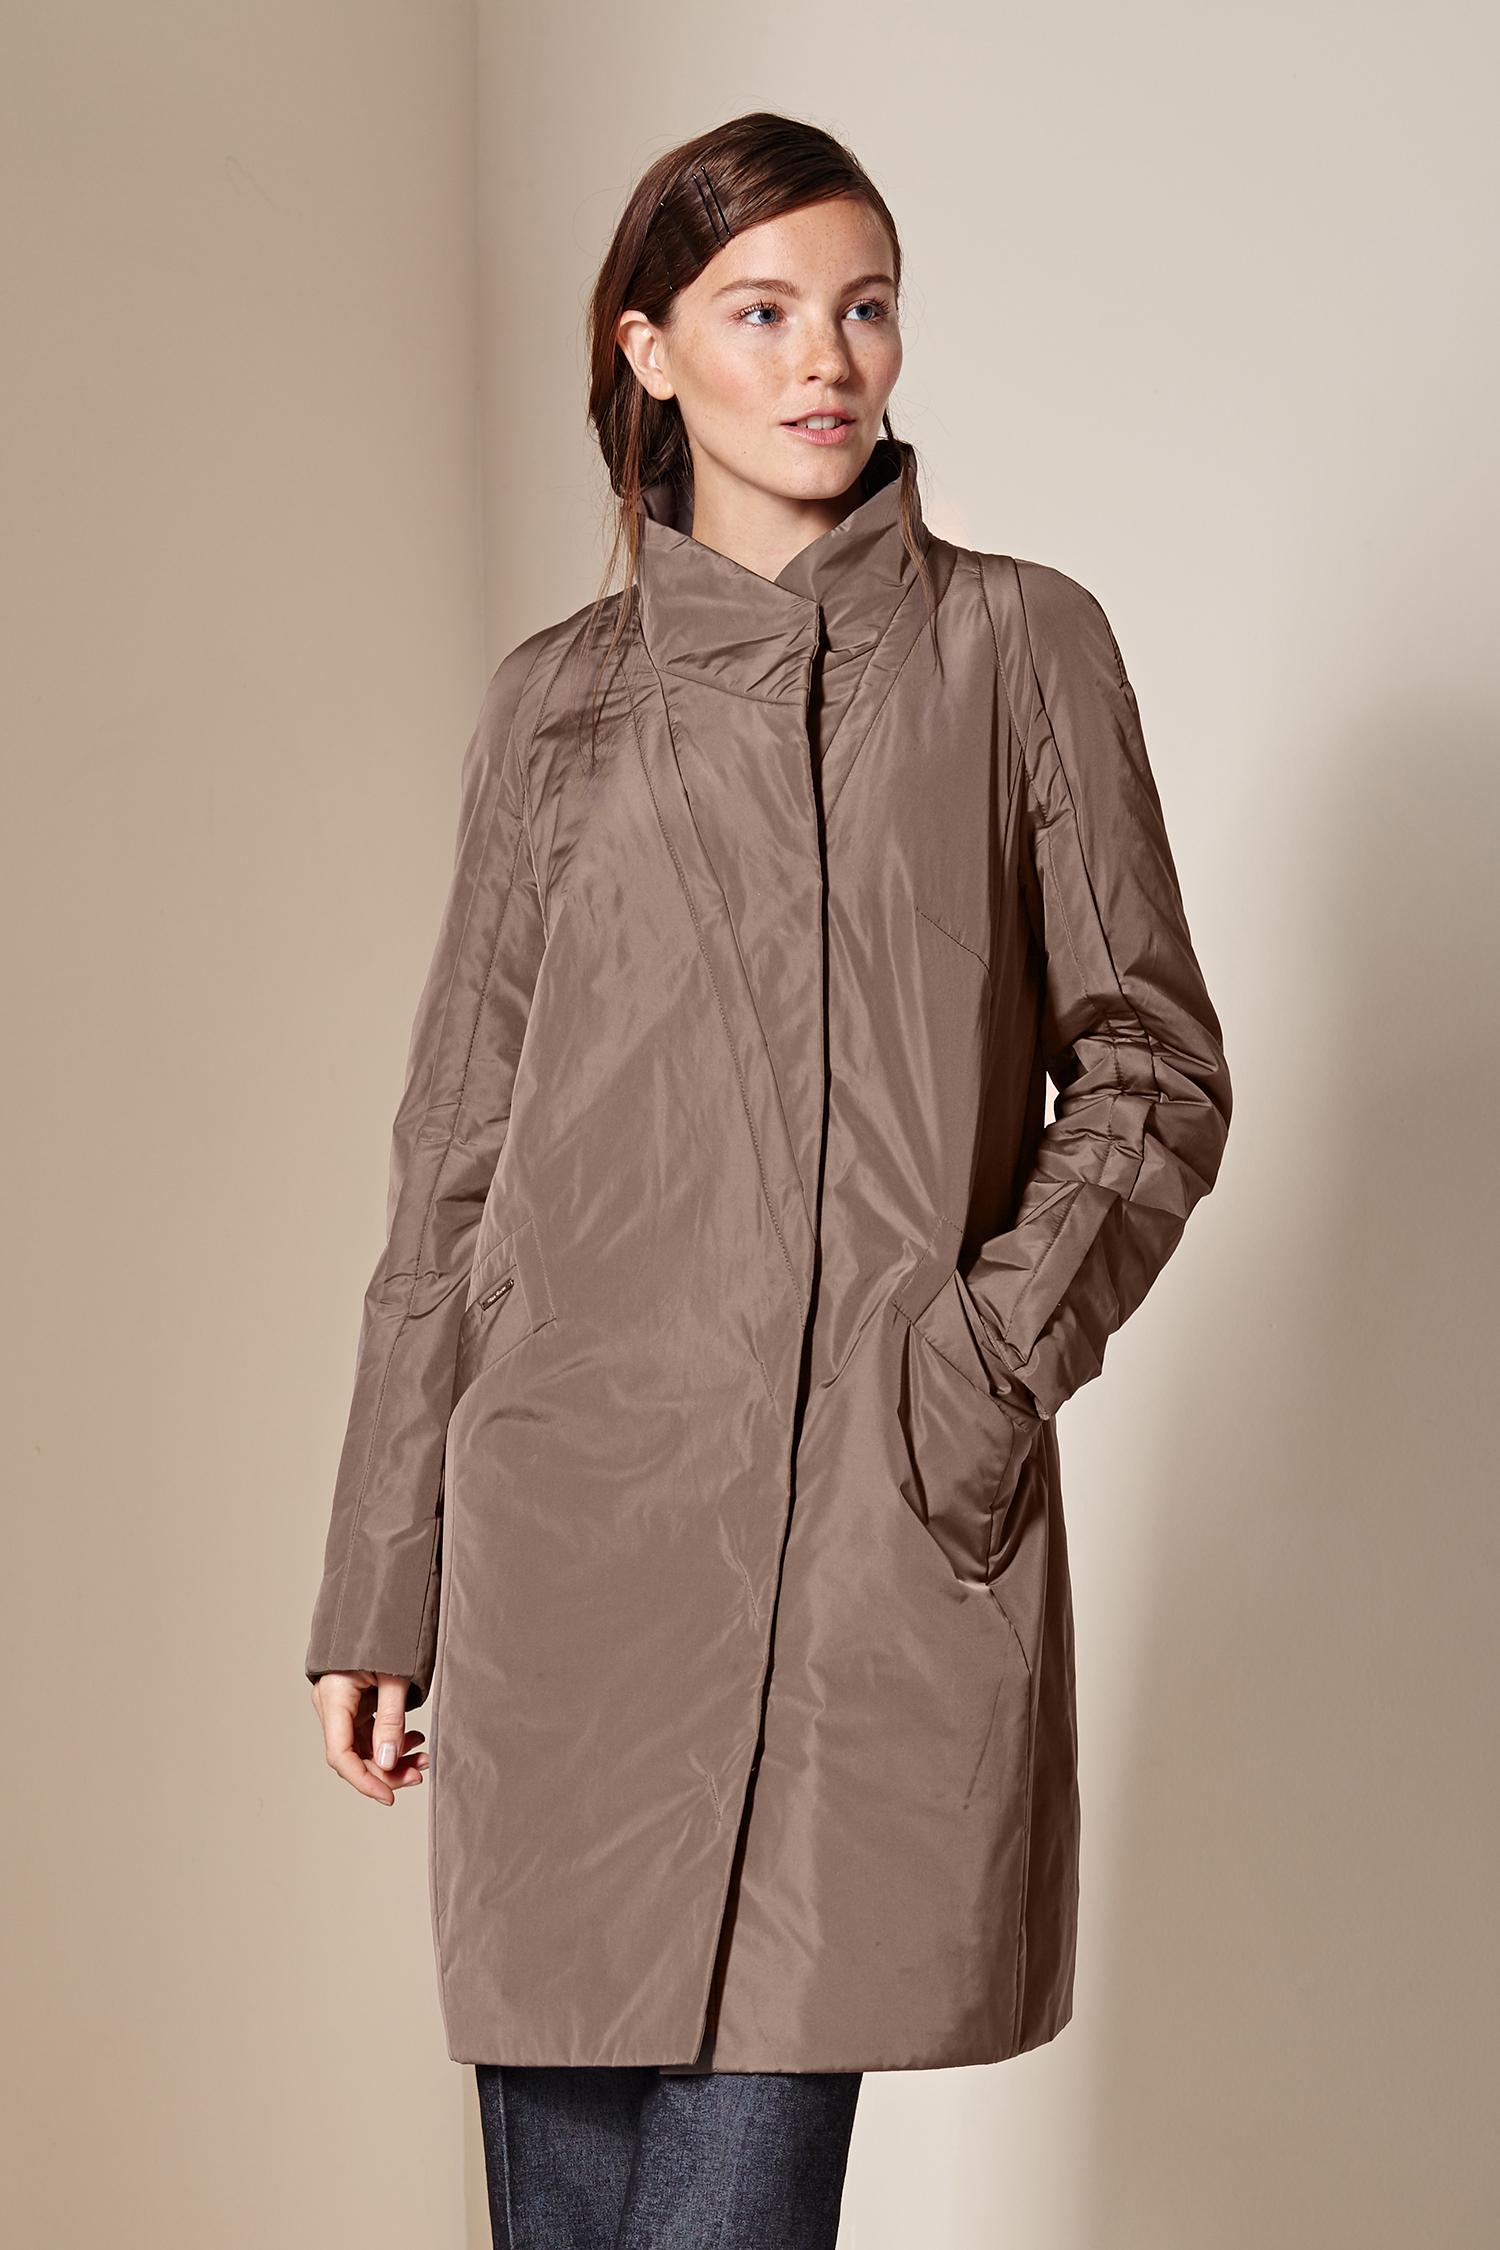 Женское пальто с воротником, без отделки<br><br>Воротник: стойка<br>Длина см: Длинная (свыше 90)<br>Материал: Текстиль<br>Цвет: бежевый<br>Вид застежки: потайная<br>Застежка: на молнии<br>Пол: Женский<br>Размер RU: 56